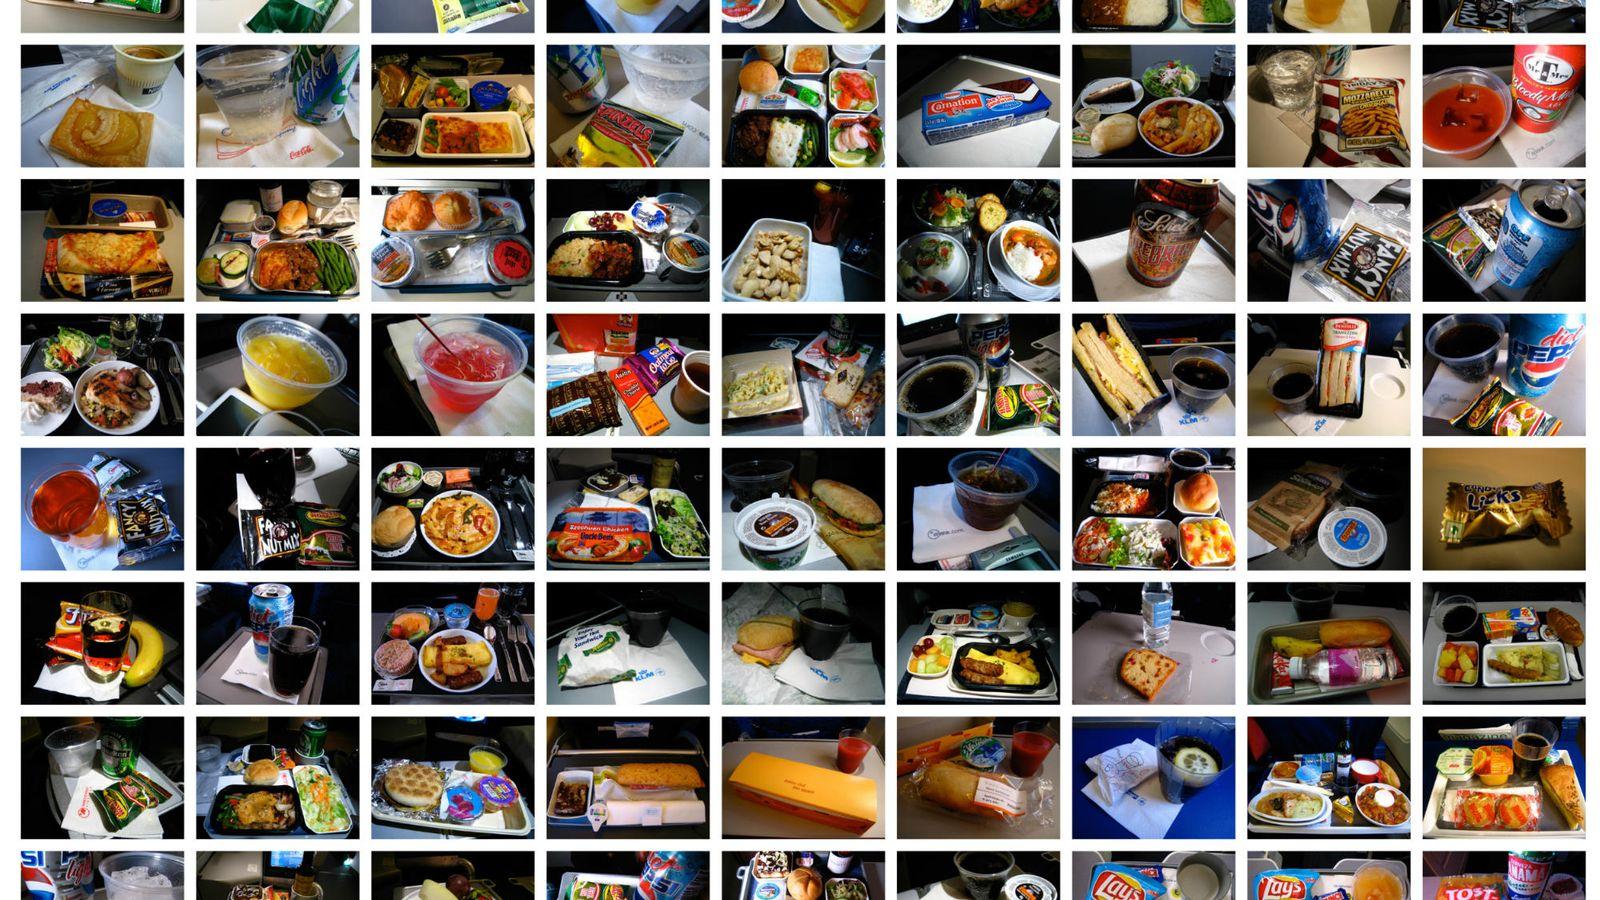 Foto: 'Collage' con comidas que Hasan ha degustado. (Hasan Elahi)